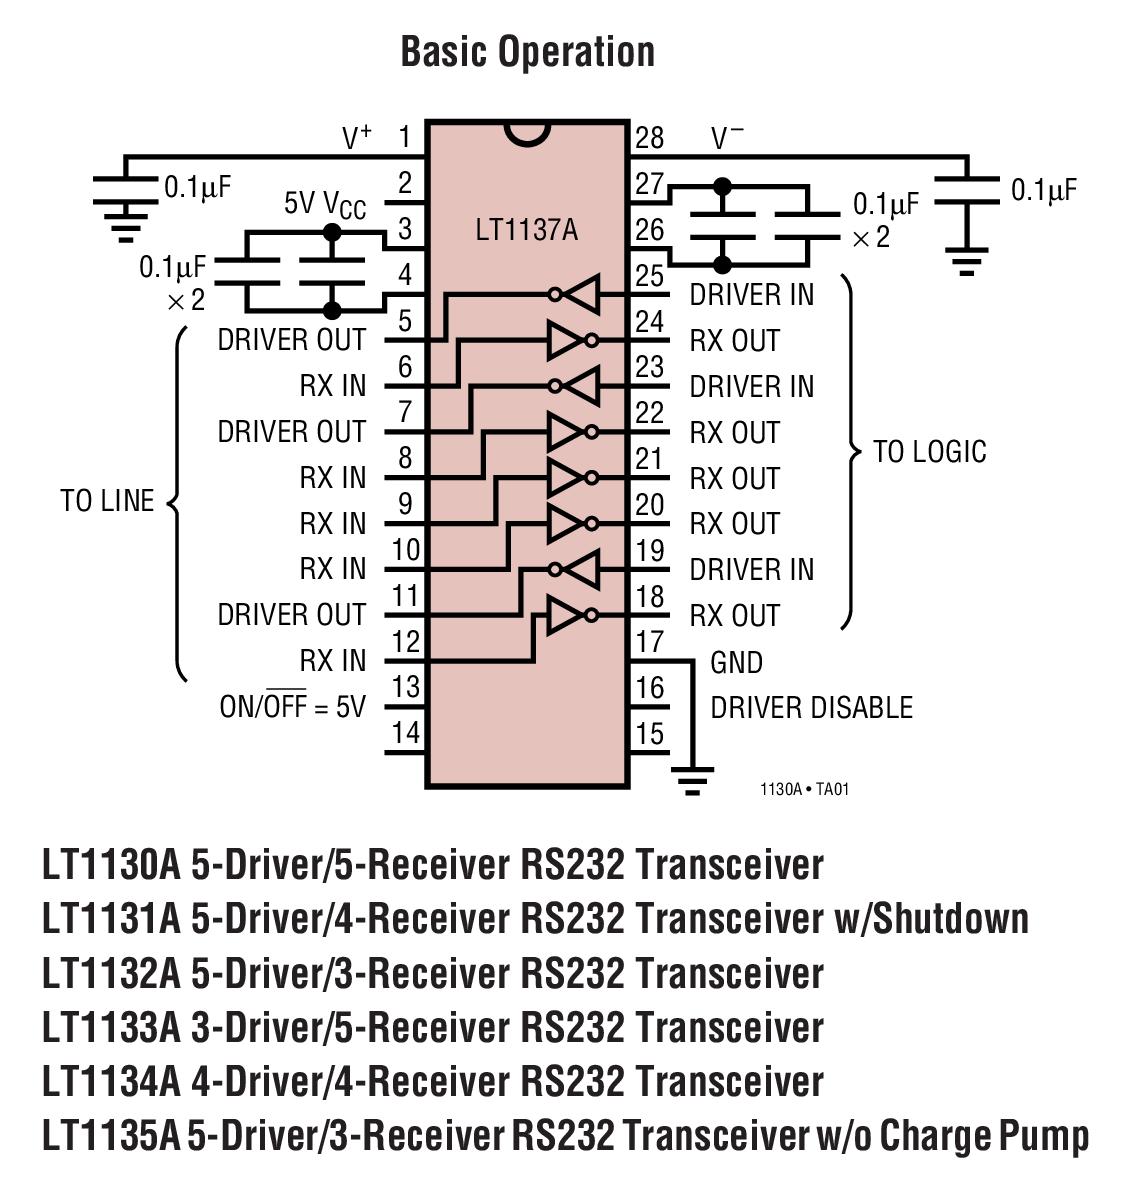 LT1139A 采用小电容器的先进低功率 5V RS232 驱动器 / 接收器